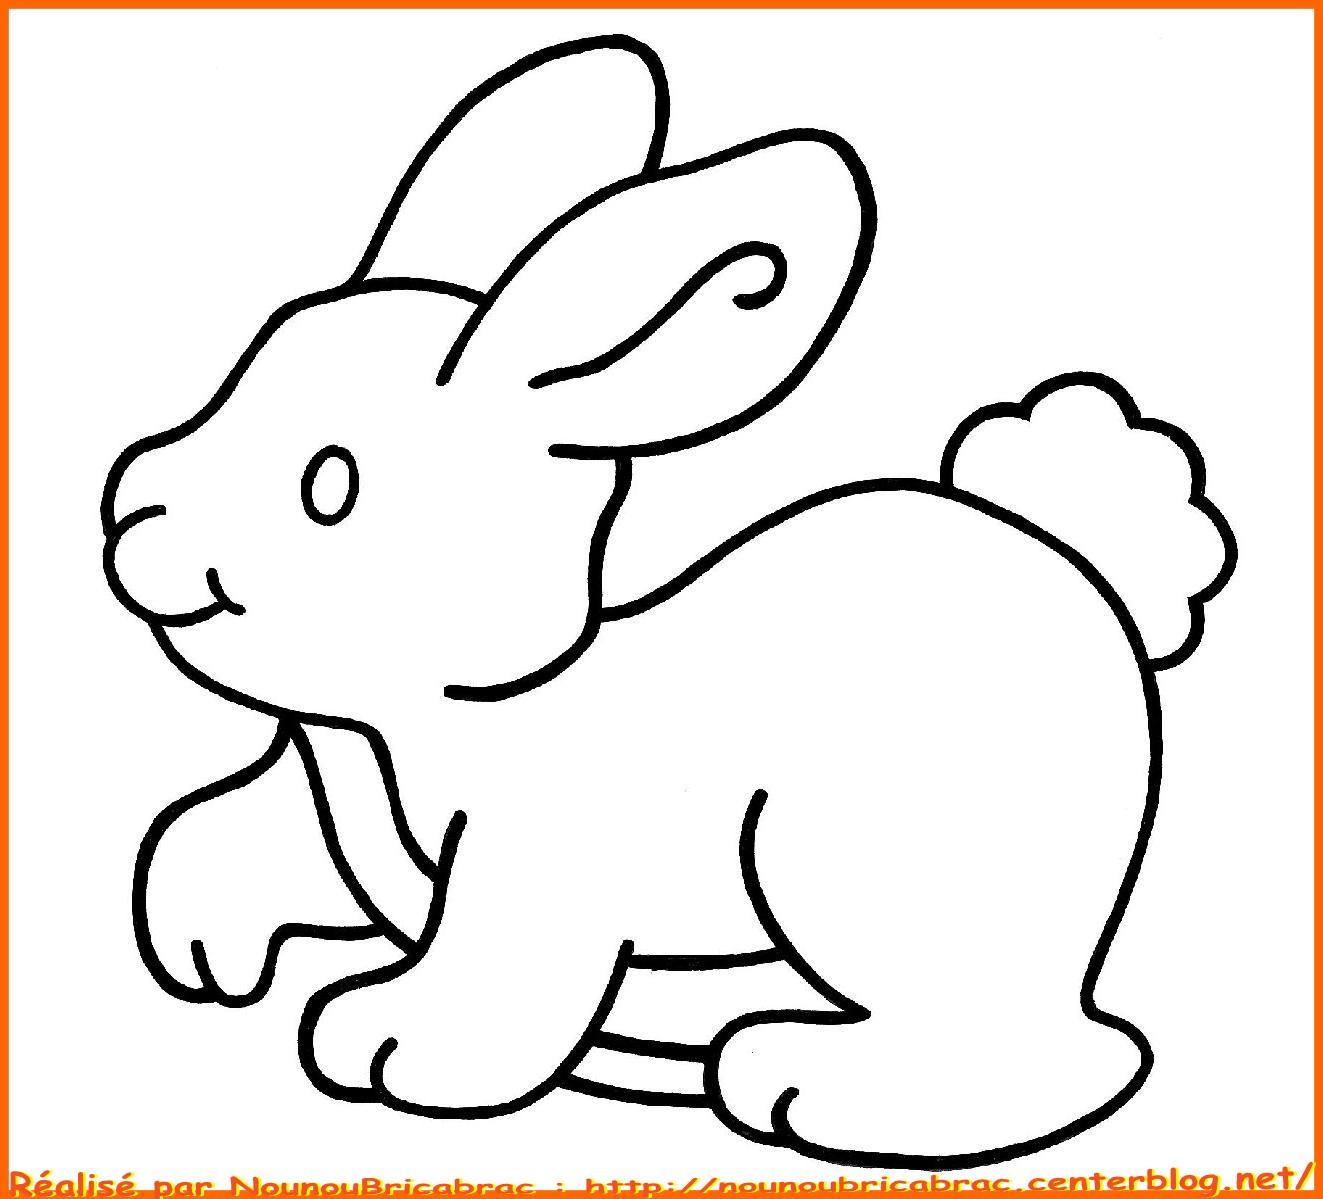 Coloriage pierre lapin imprimer - Coloriage a imprimer lapin ...